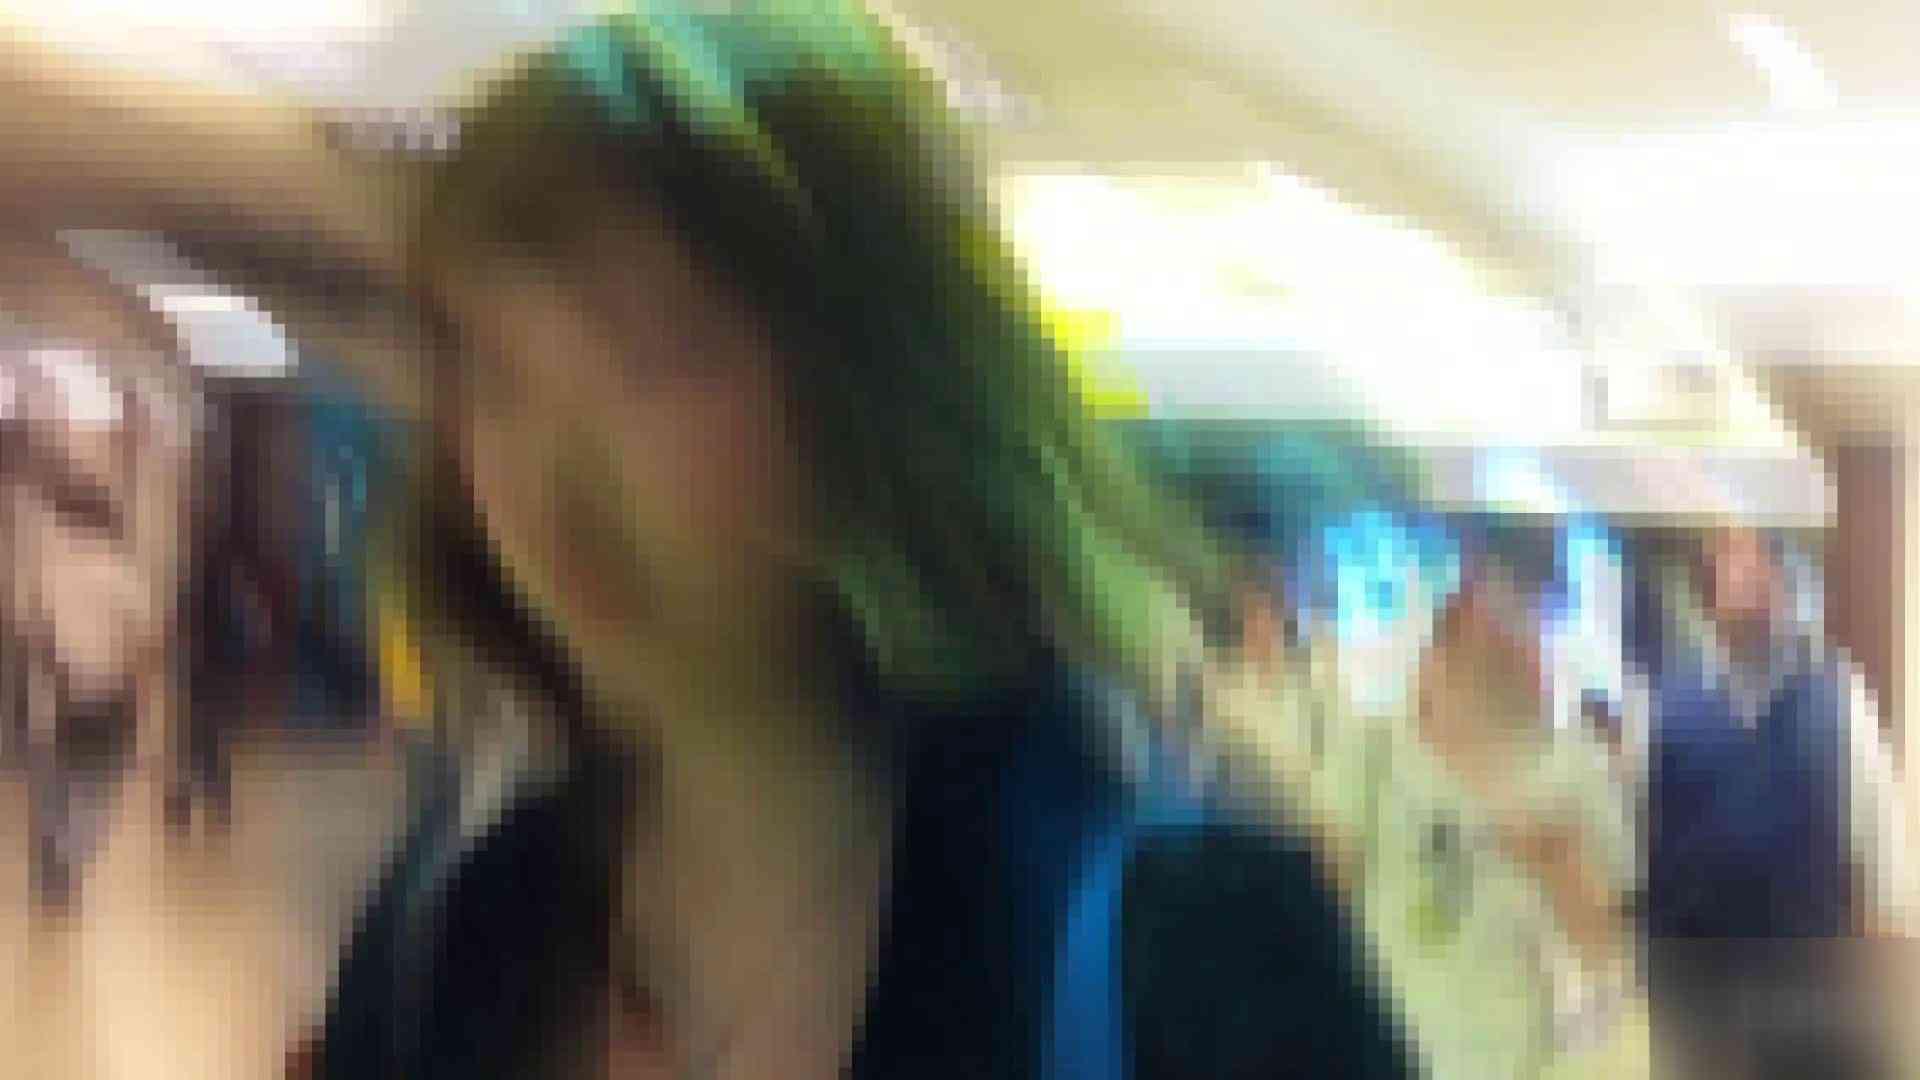 ガールズパンチラストリートビューVol.018 ギャルの実態 盗撮オマンコ無修正動画無料 91pic 39